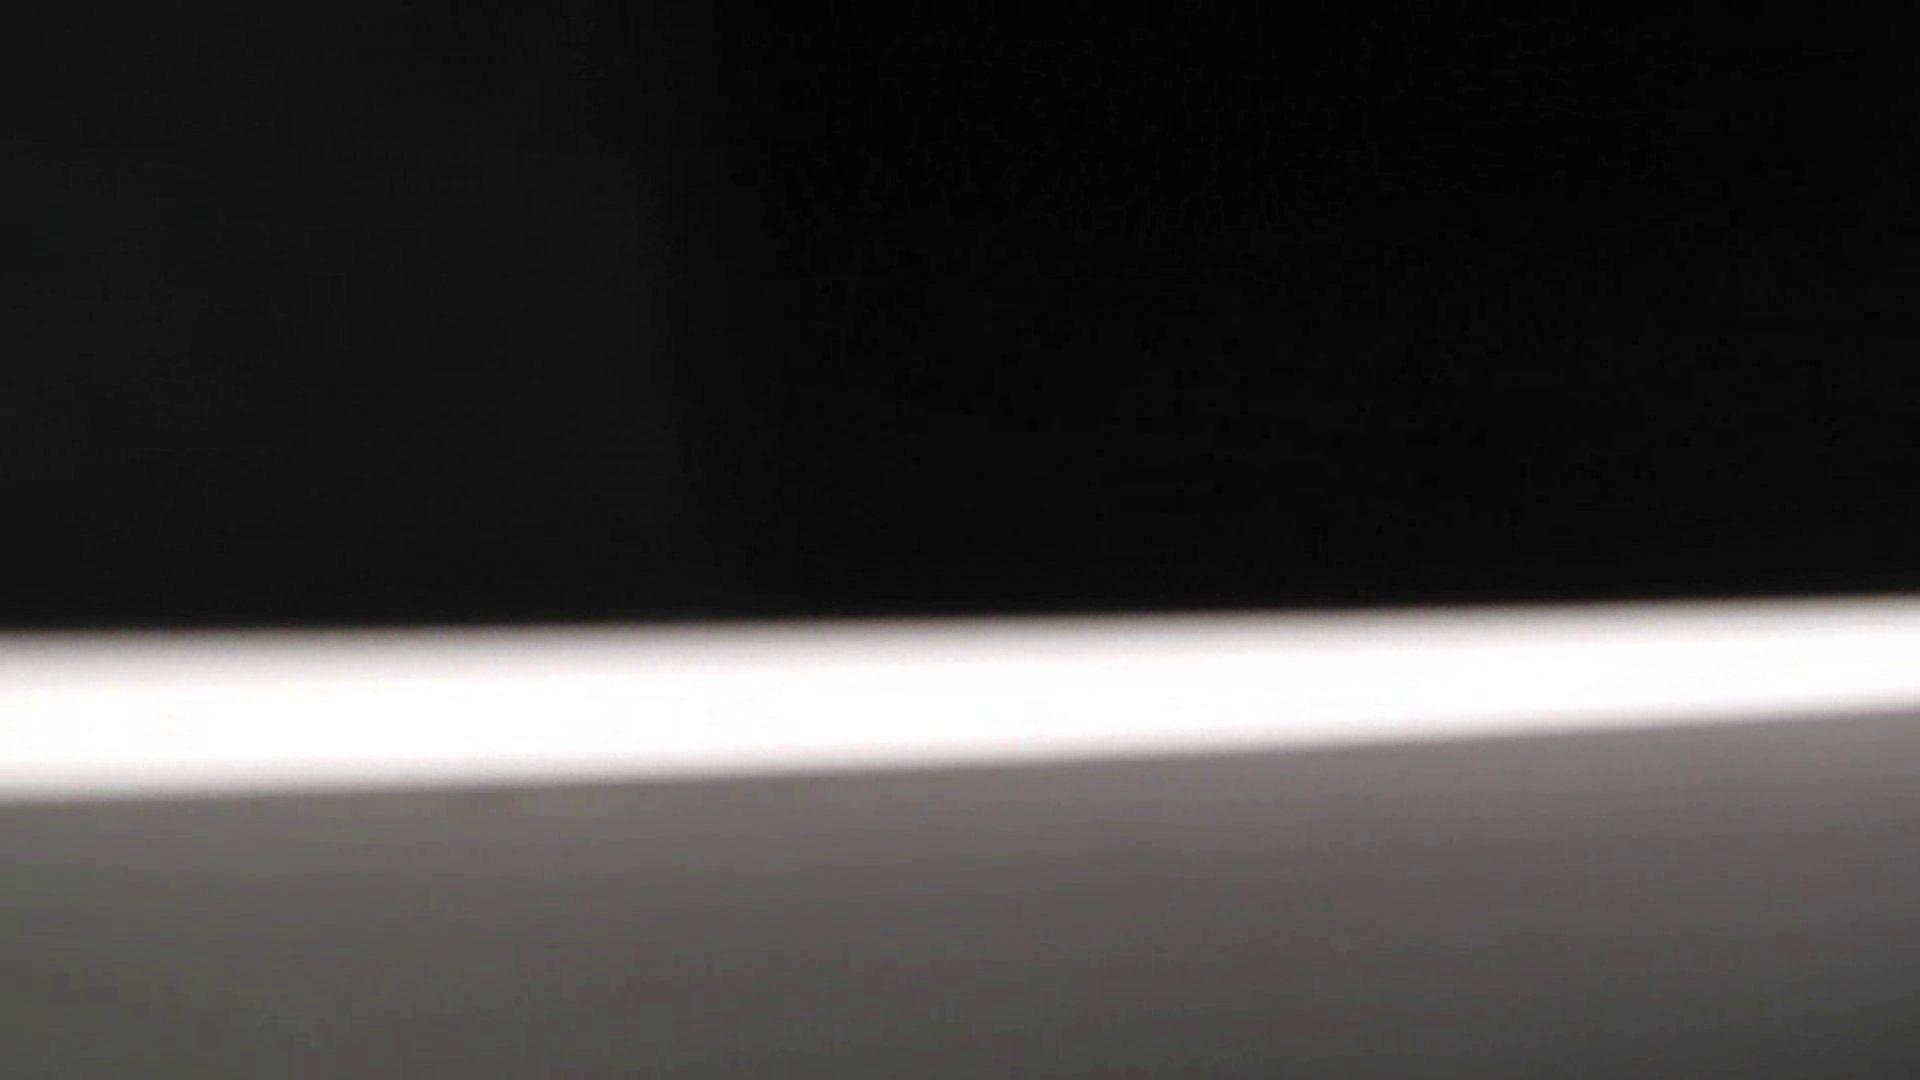 洗面所特攻隊 vol.002今回も鮮明です 丸見え   洗面所シーン  69画像 8